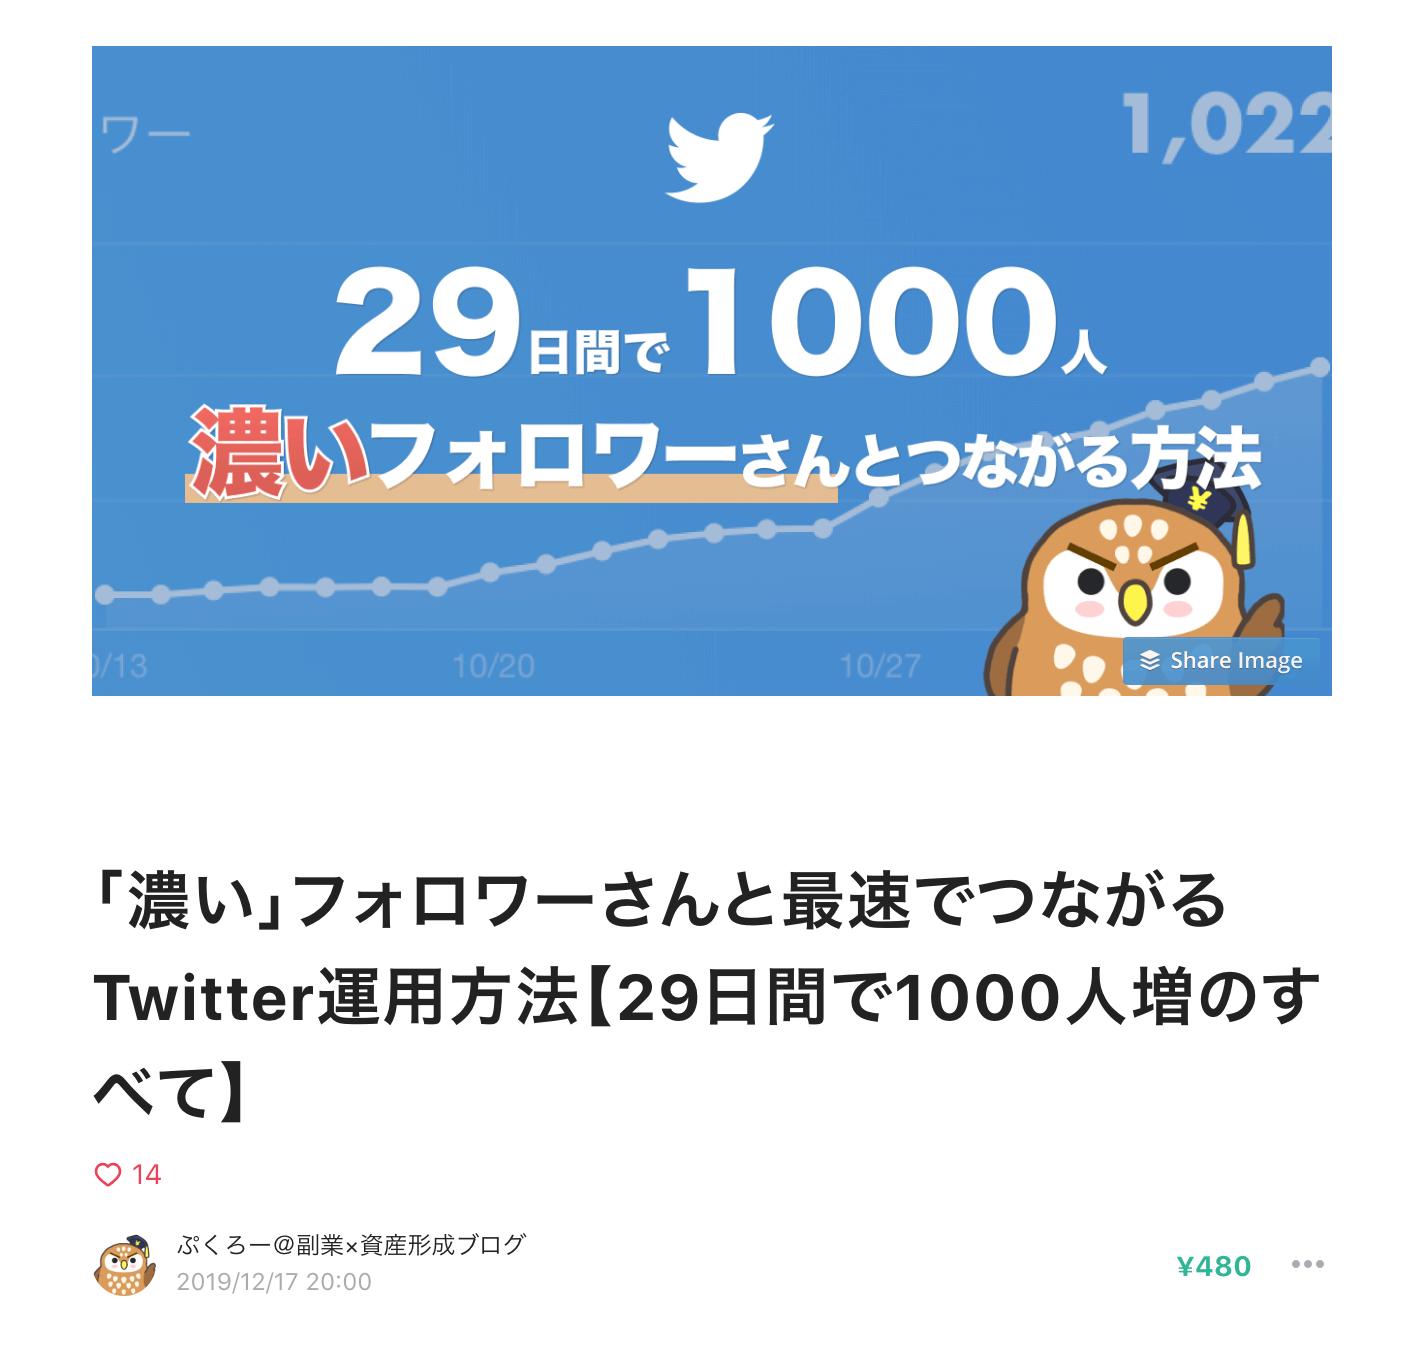 「濃い」フォロワーさんと最速でつながるTwitter運用方法【29日間で1000人増のすべて】